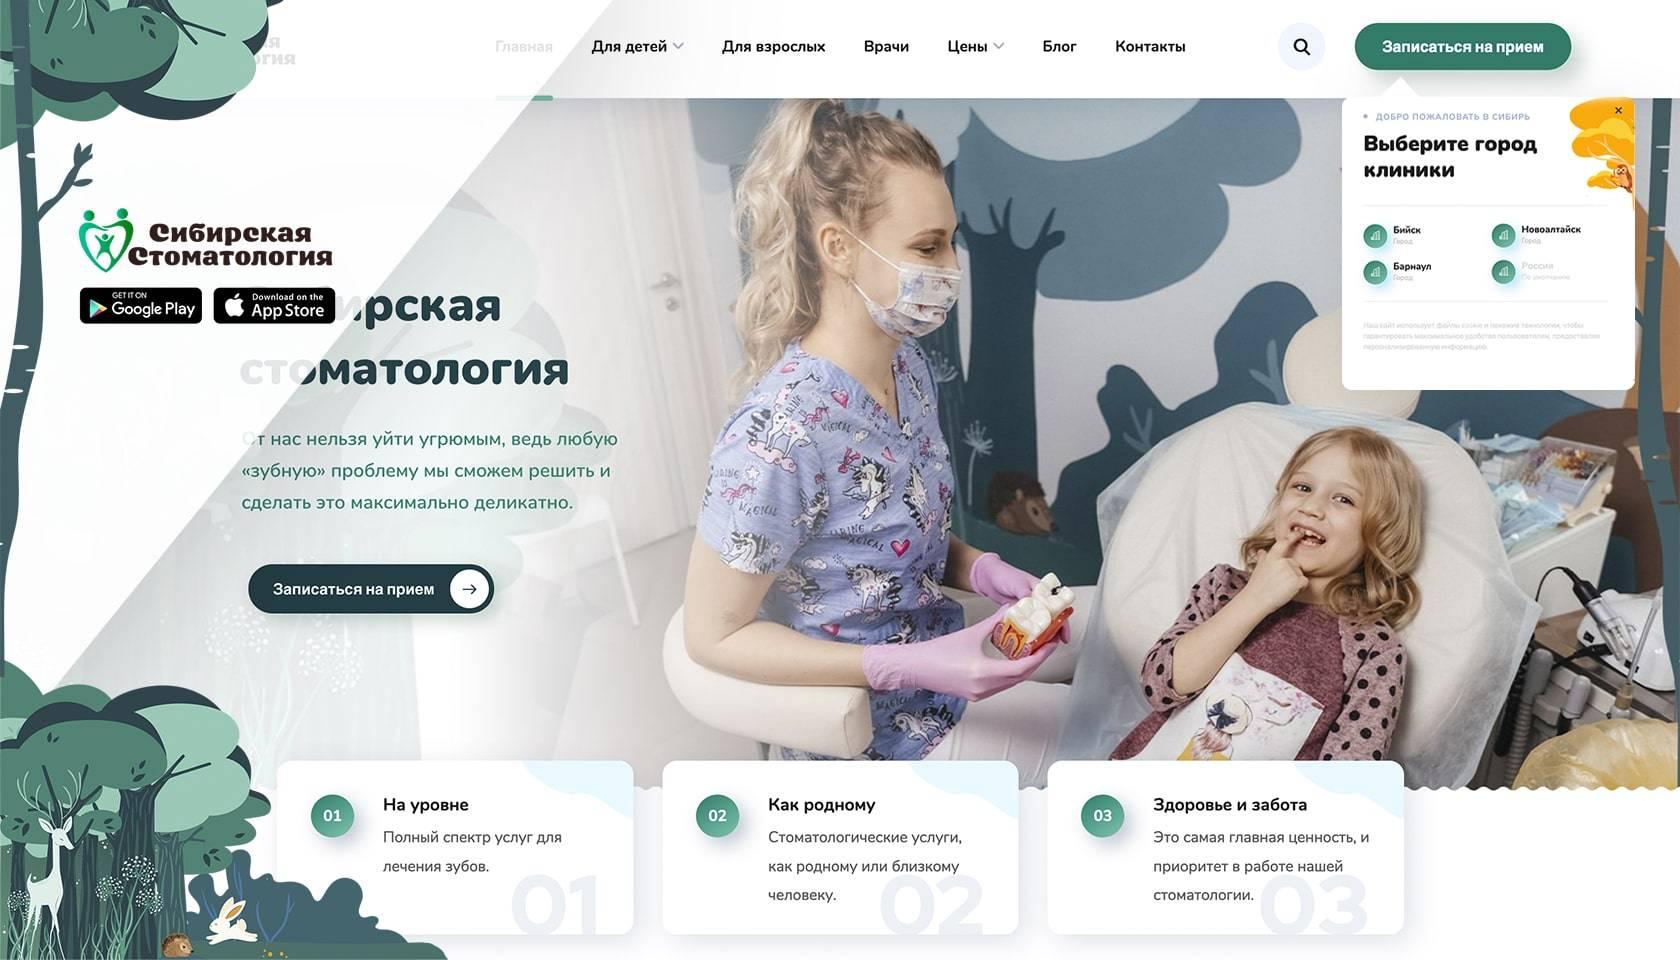 Сибирская стоматология